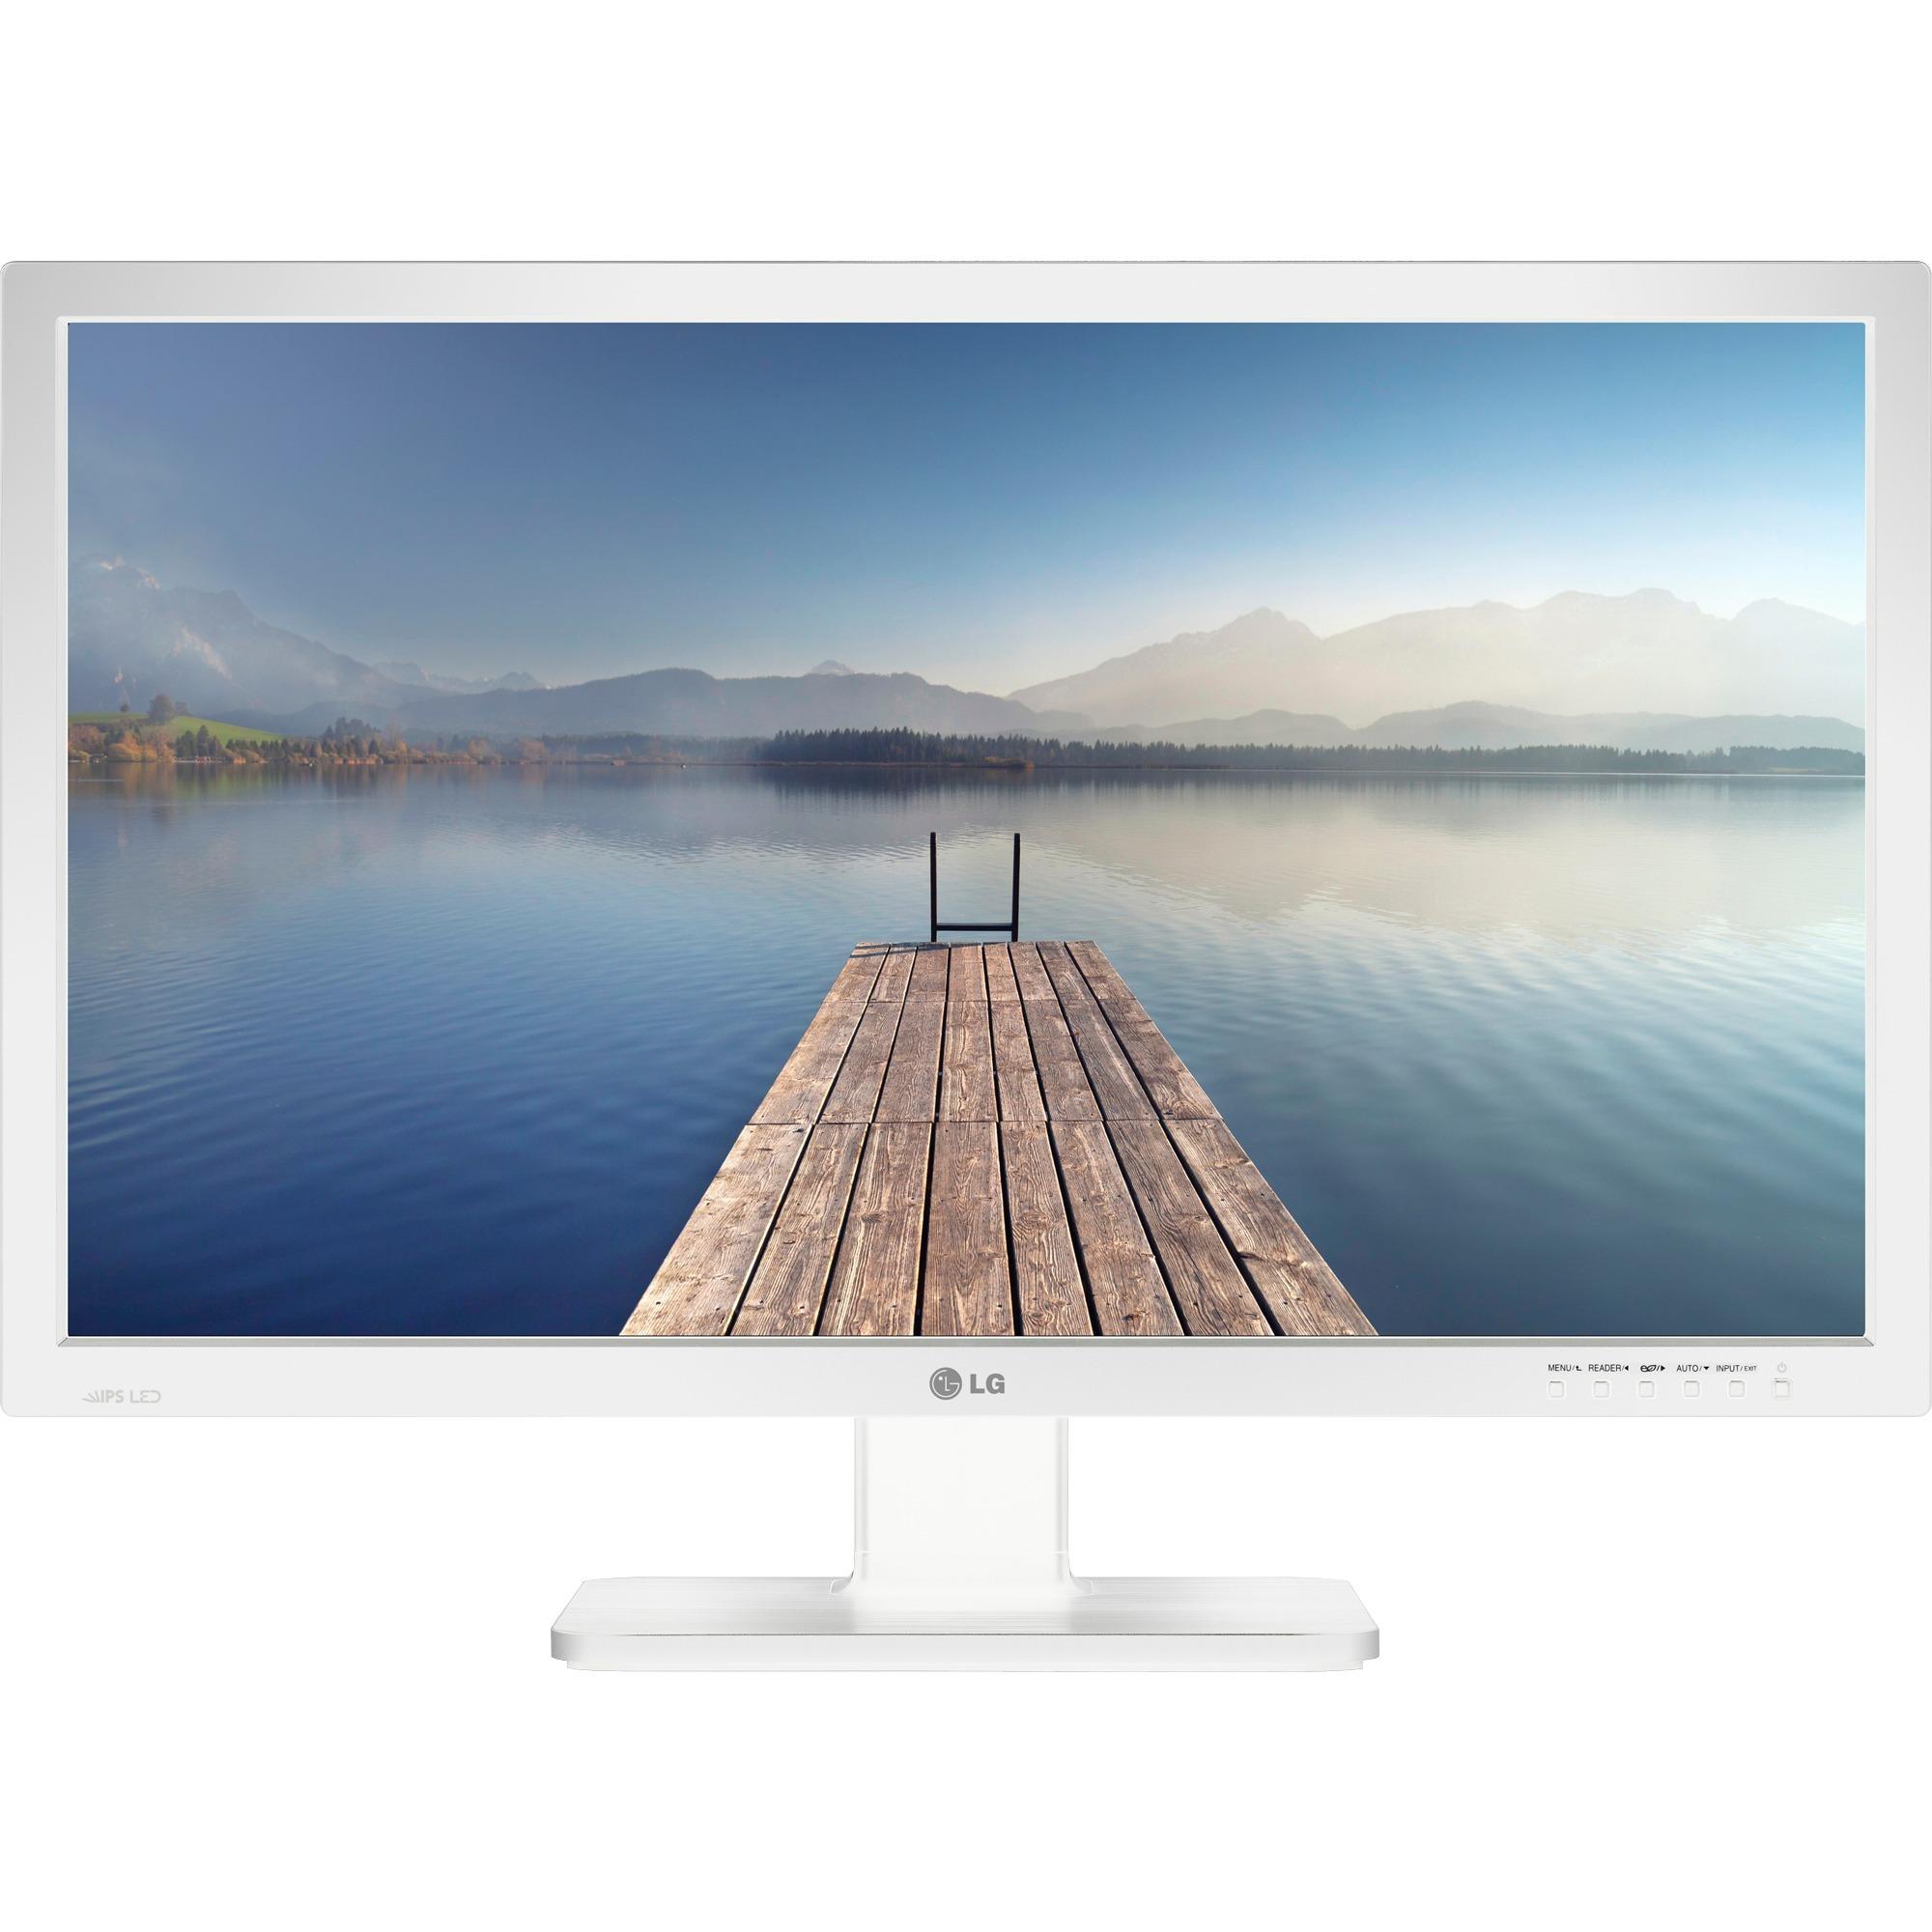 """24BK55WD-W pantalla para PC 61 cm (24"""") WUXGA LCD Blanco, Monitor LED"""